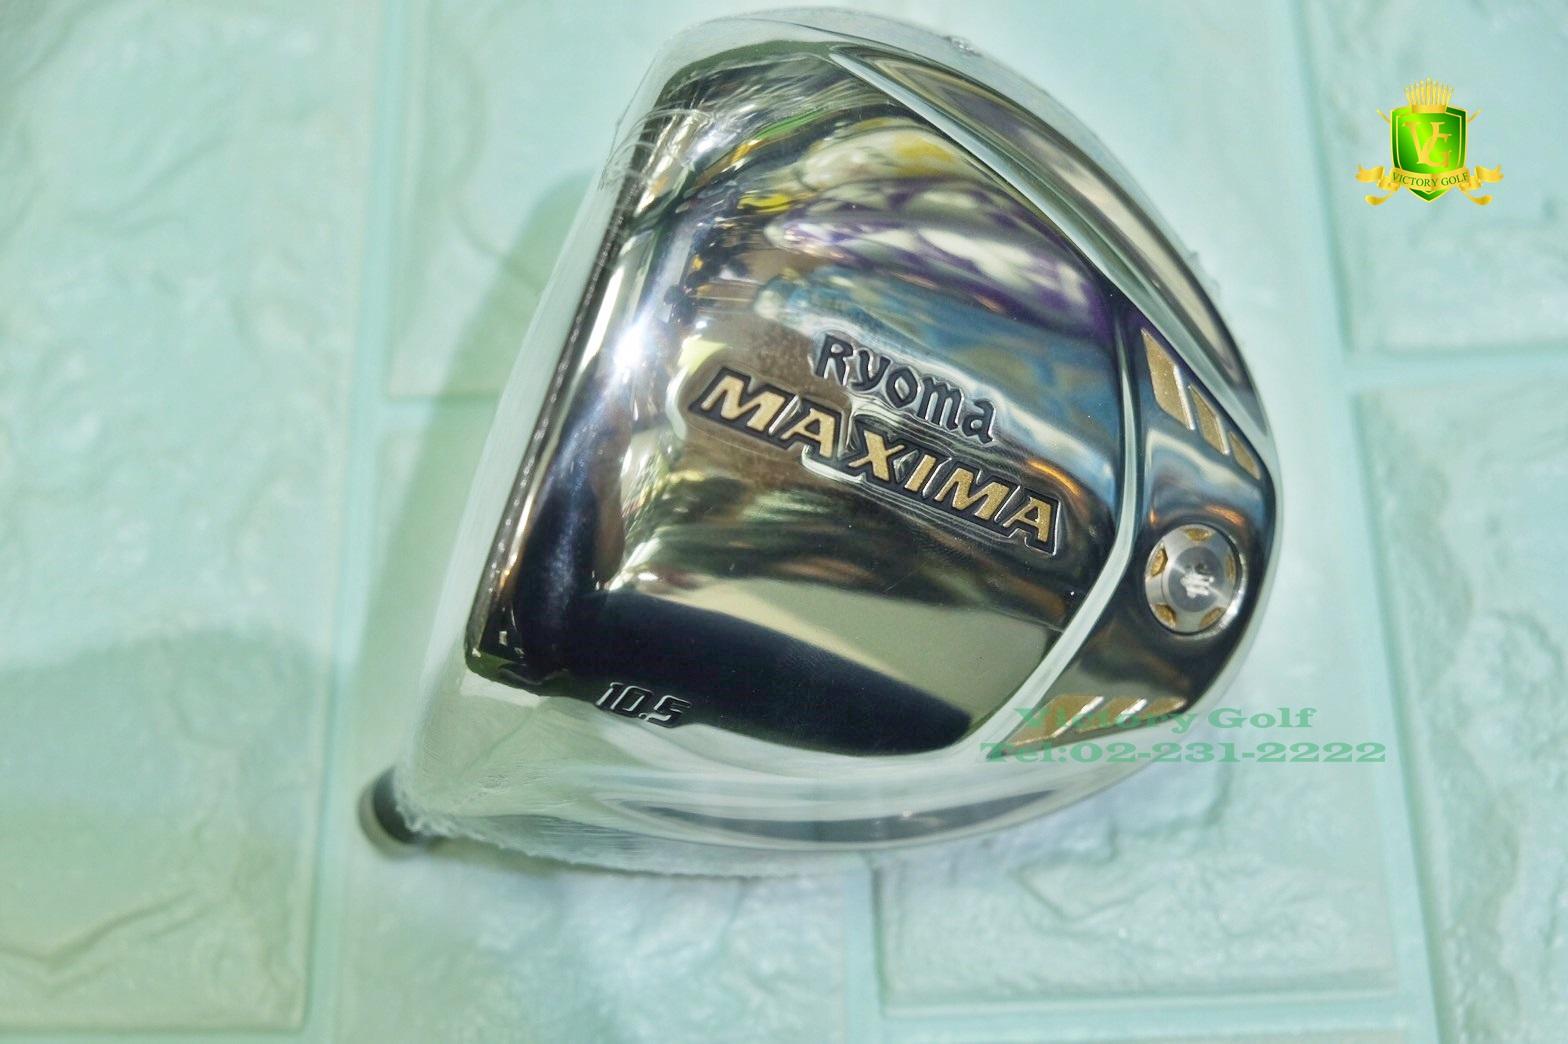 Head Ryoma Maxima Special Tuning Silver (Lefty)(Guarantee 1 year) New model .